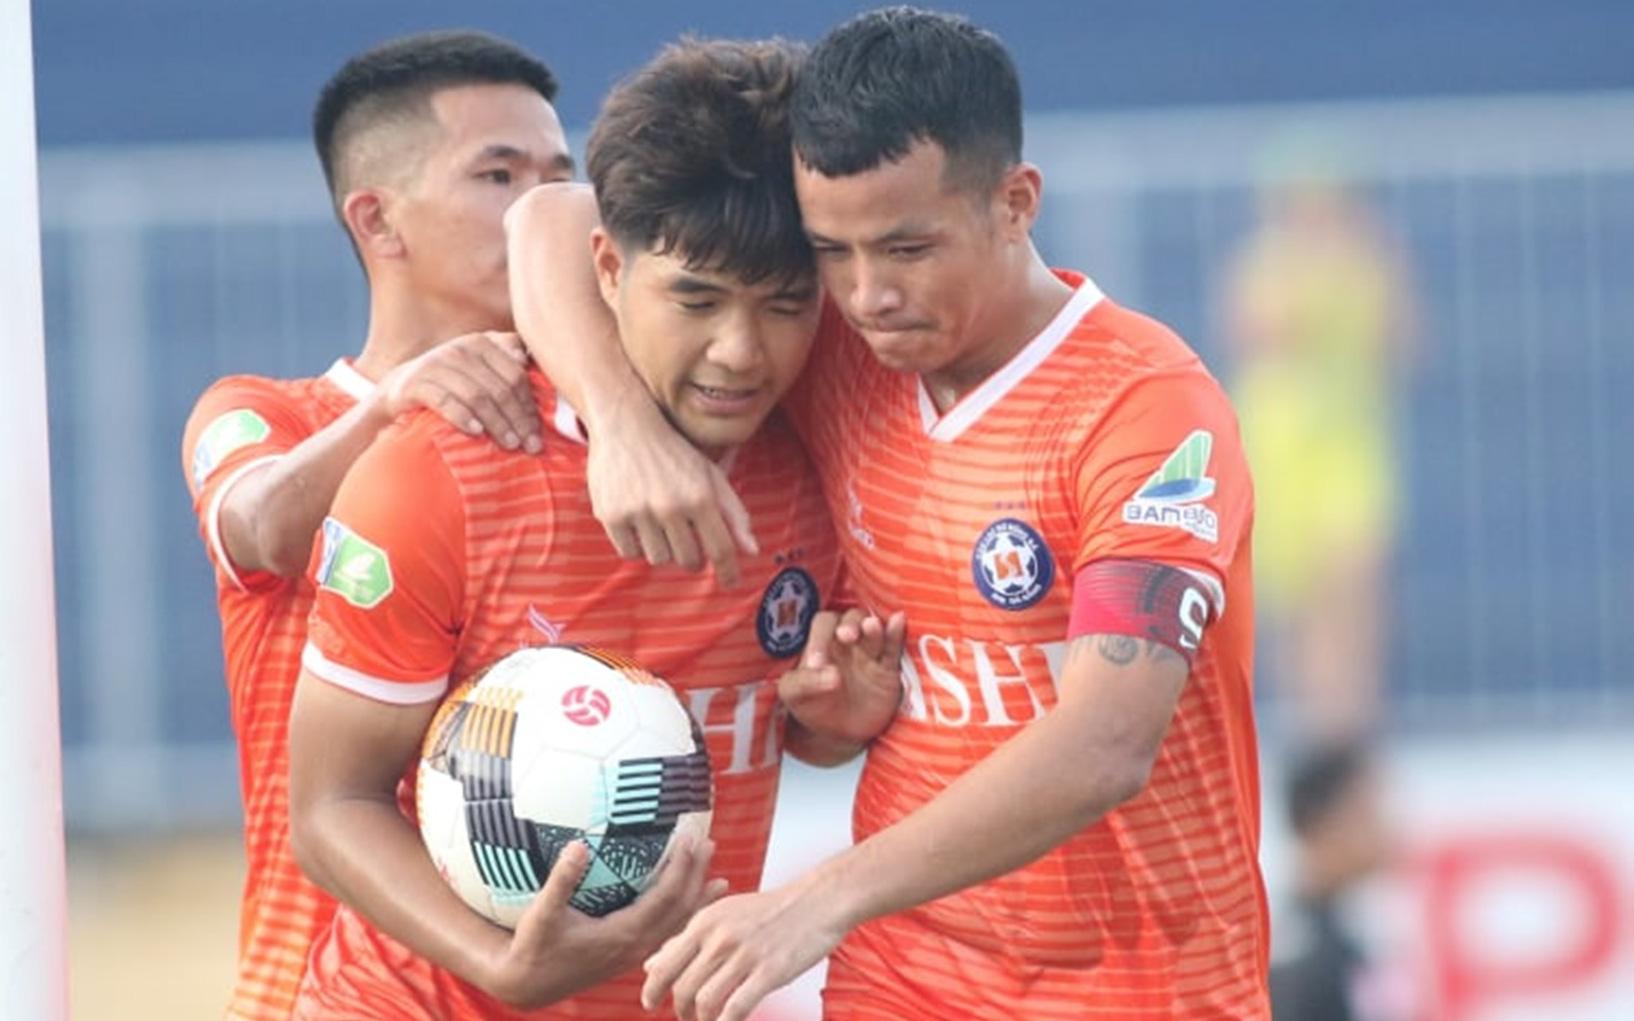 Cúp Quốc gia 2020: Đức Chinh tỏa sáng giúp Đà Nẵng đi tiếp, đội bóng Hạng Nhất mang đến cú sốc lớn